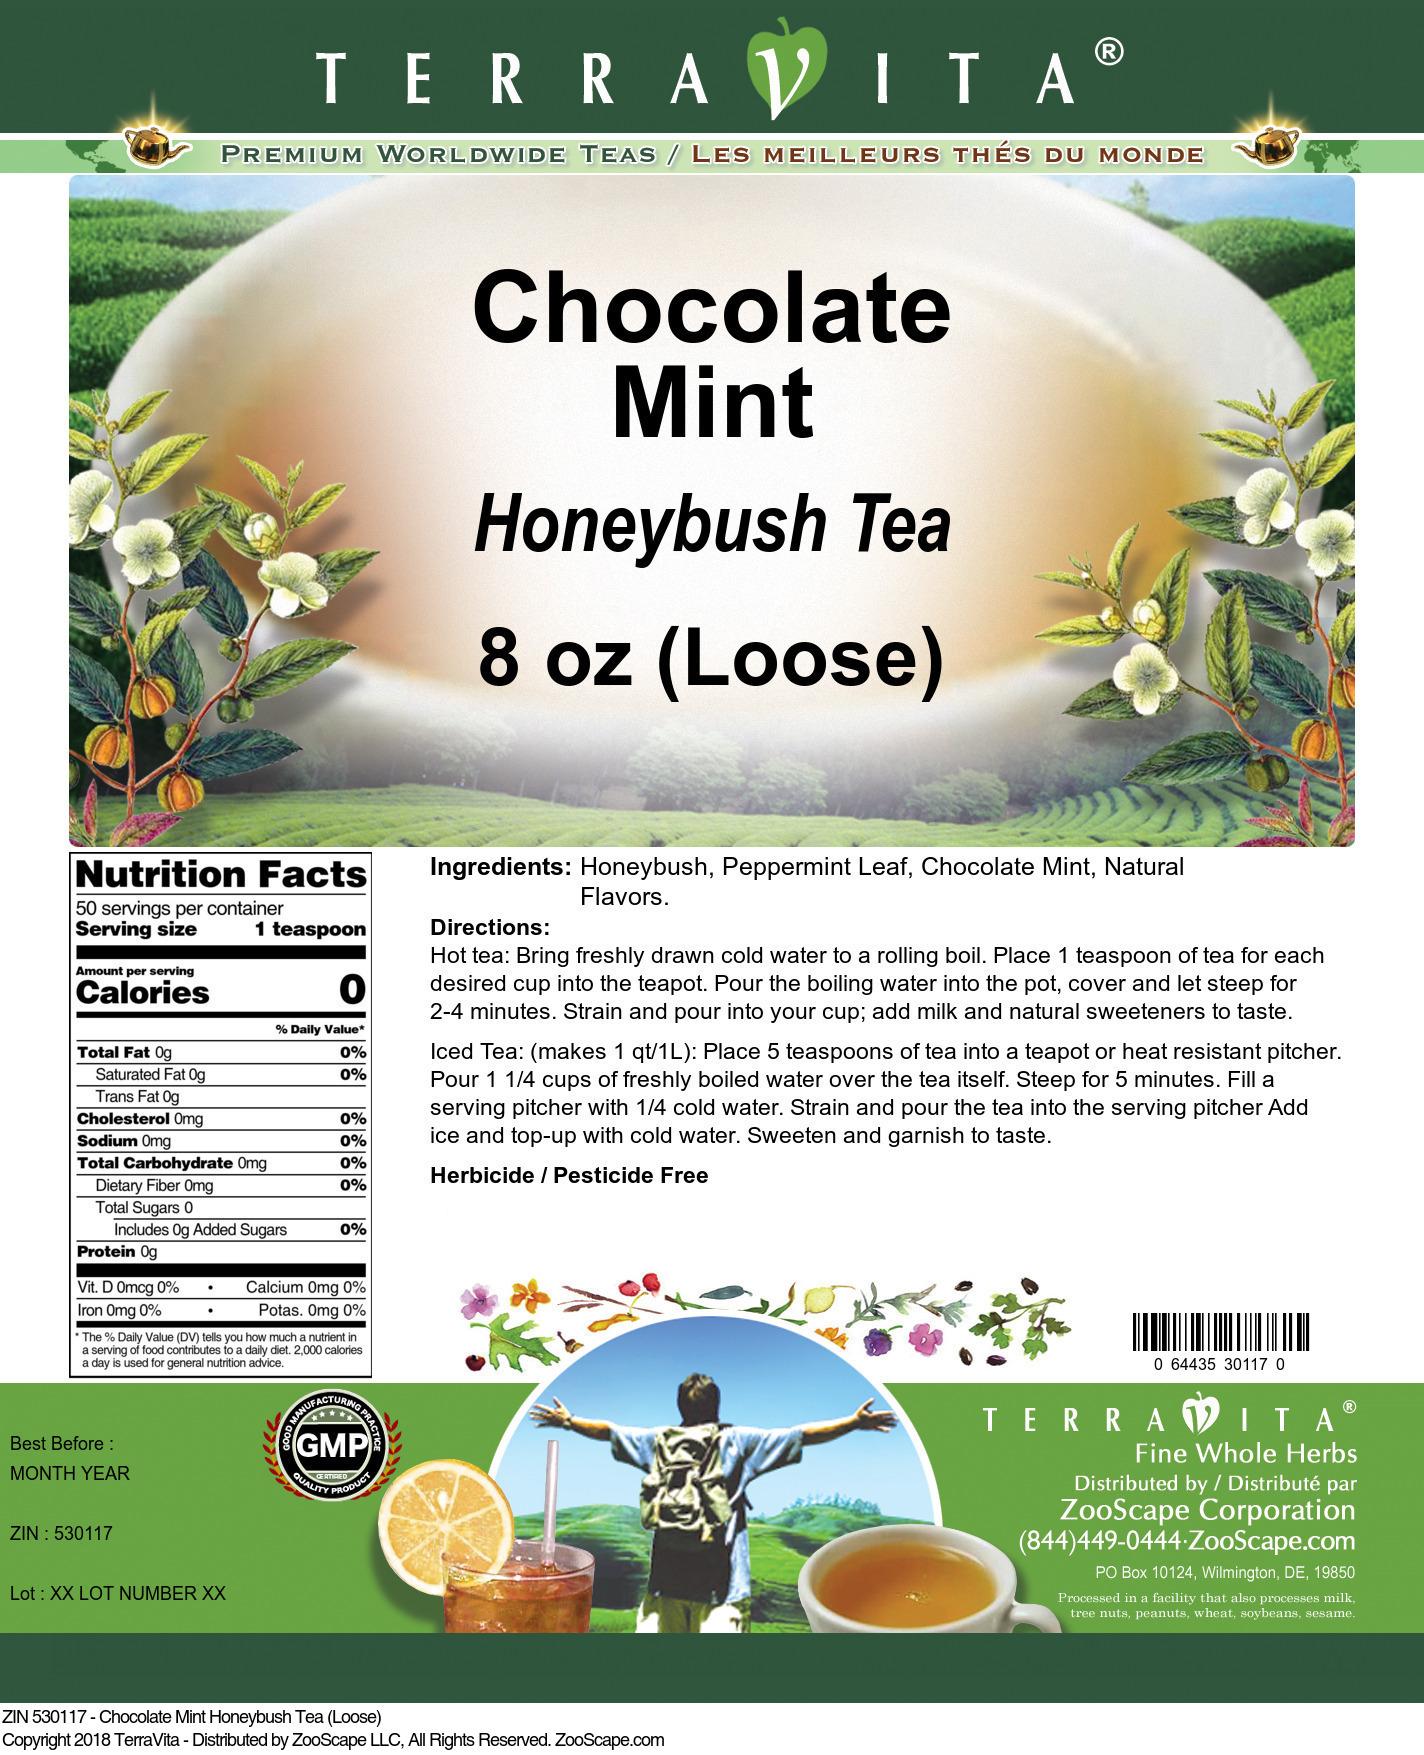 Chocolate Mint Honeybush Tea (Loose)